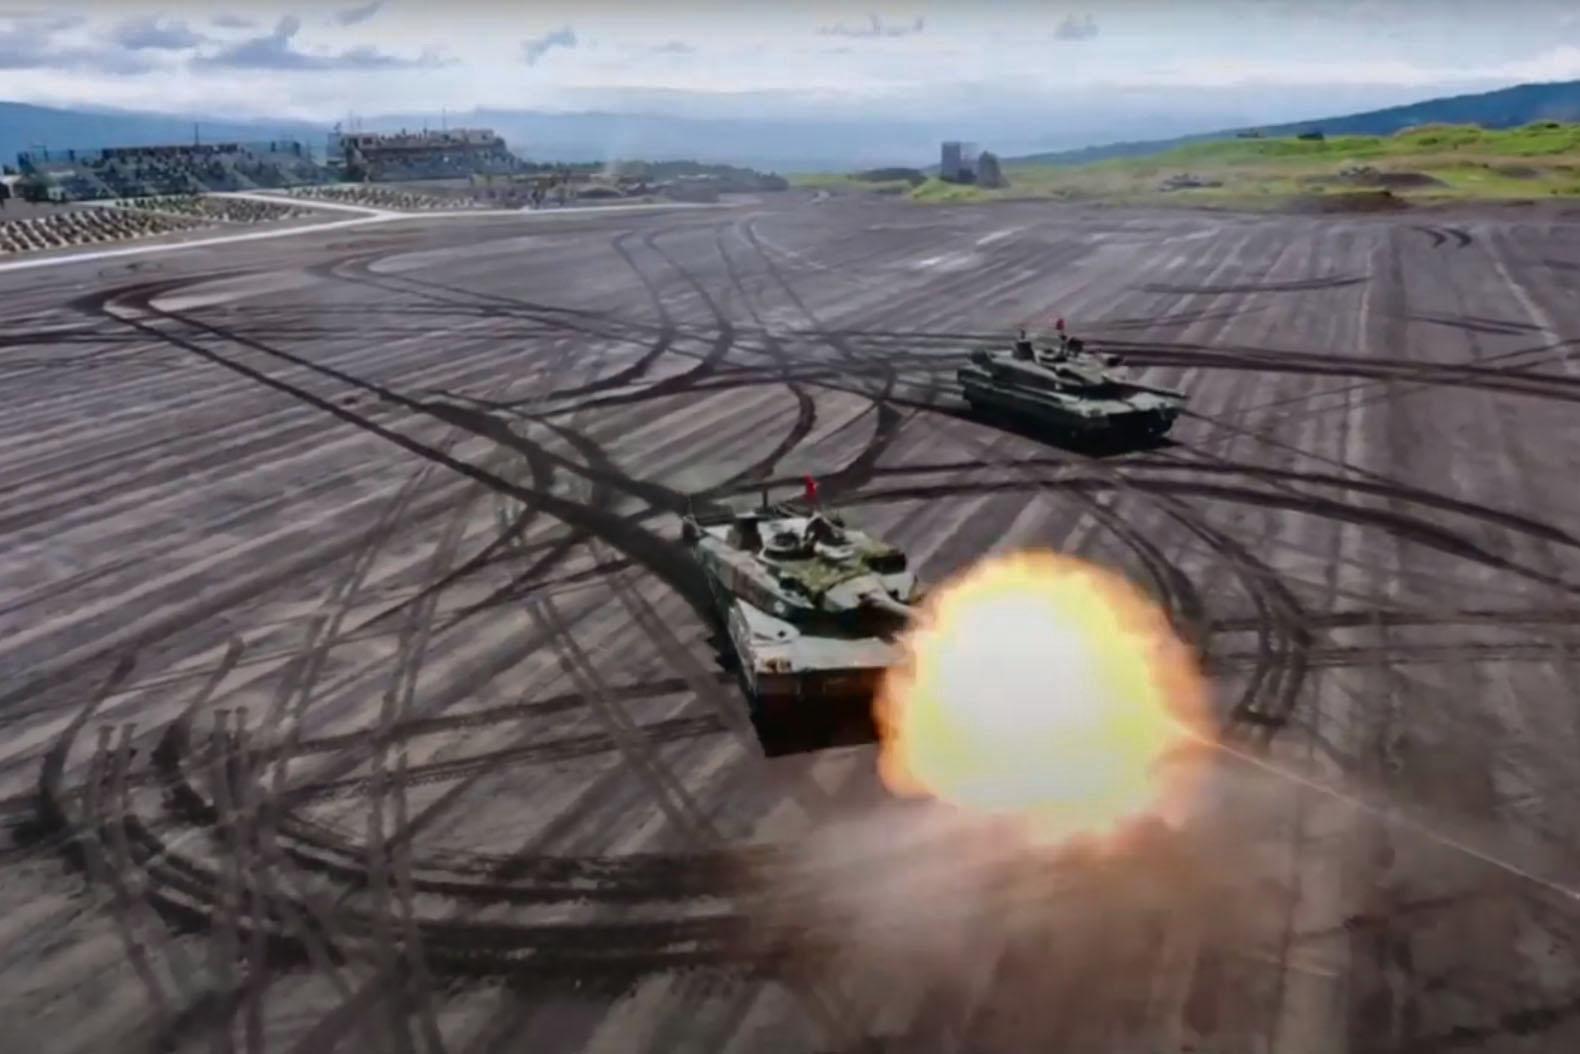 陸上自衛隊の「富士総合火力演習」で実弾射撃を行う10式戦車=23日午前、静岡県の東富士演習場(陸上自衛隊のユーチューブより)